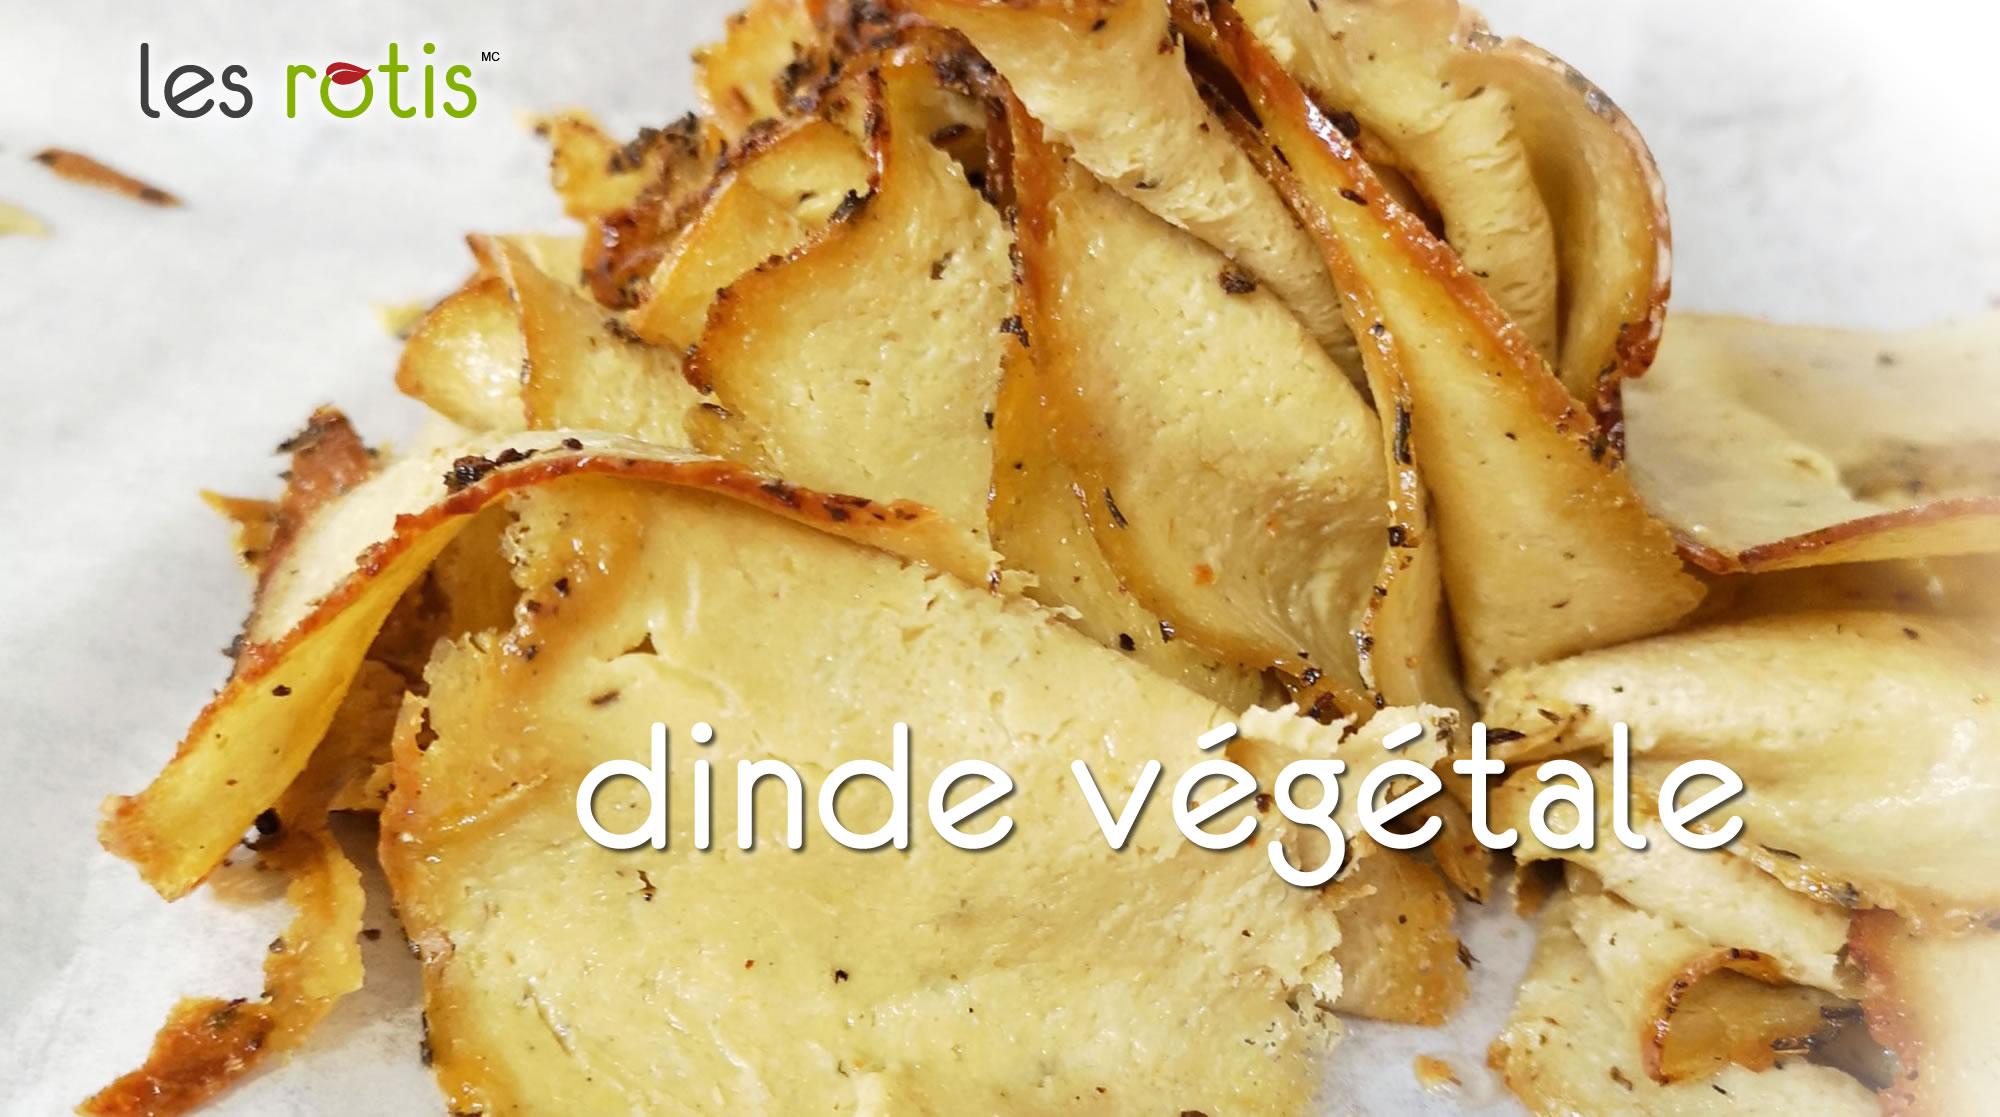 dinde vegetale - Les produits